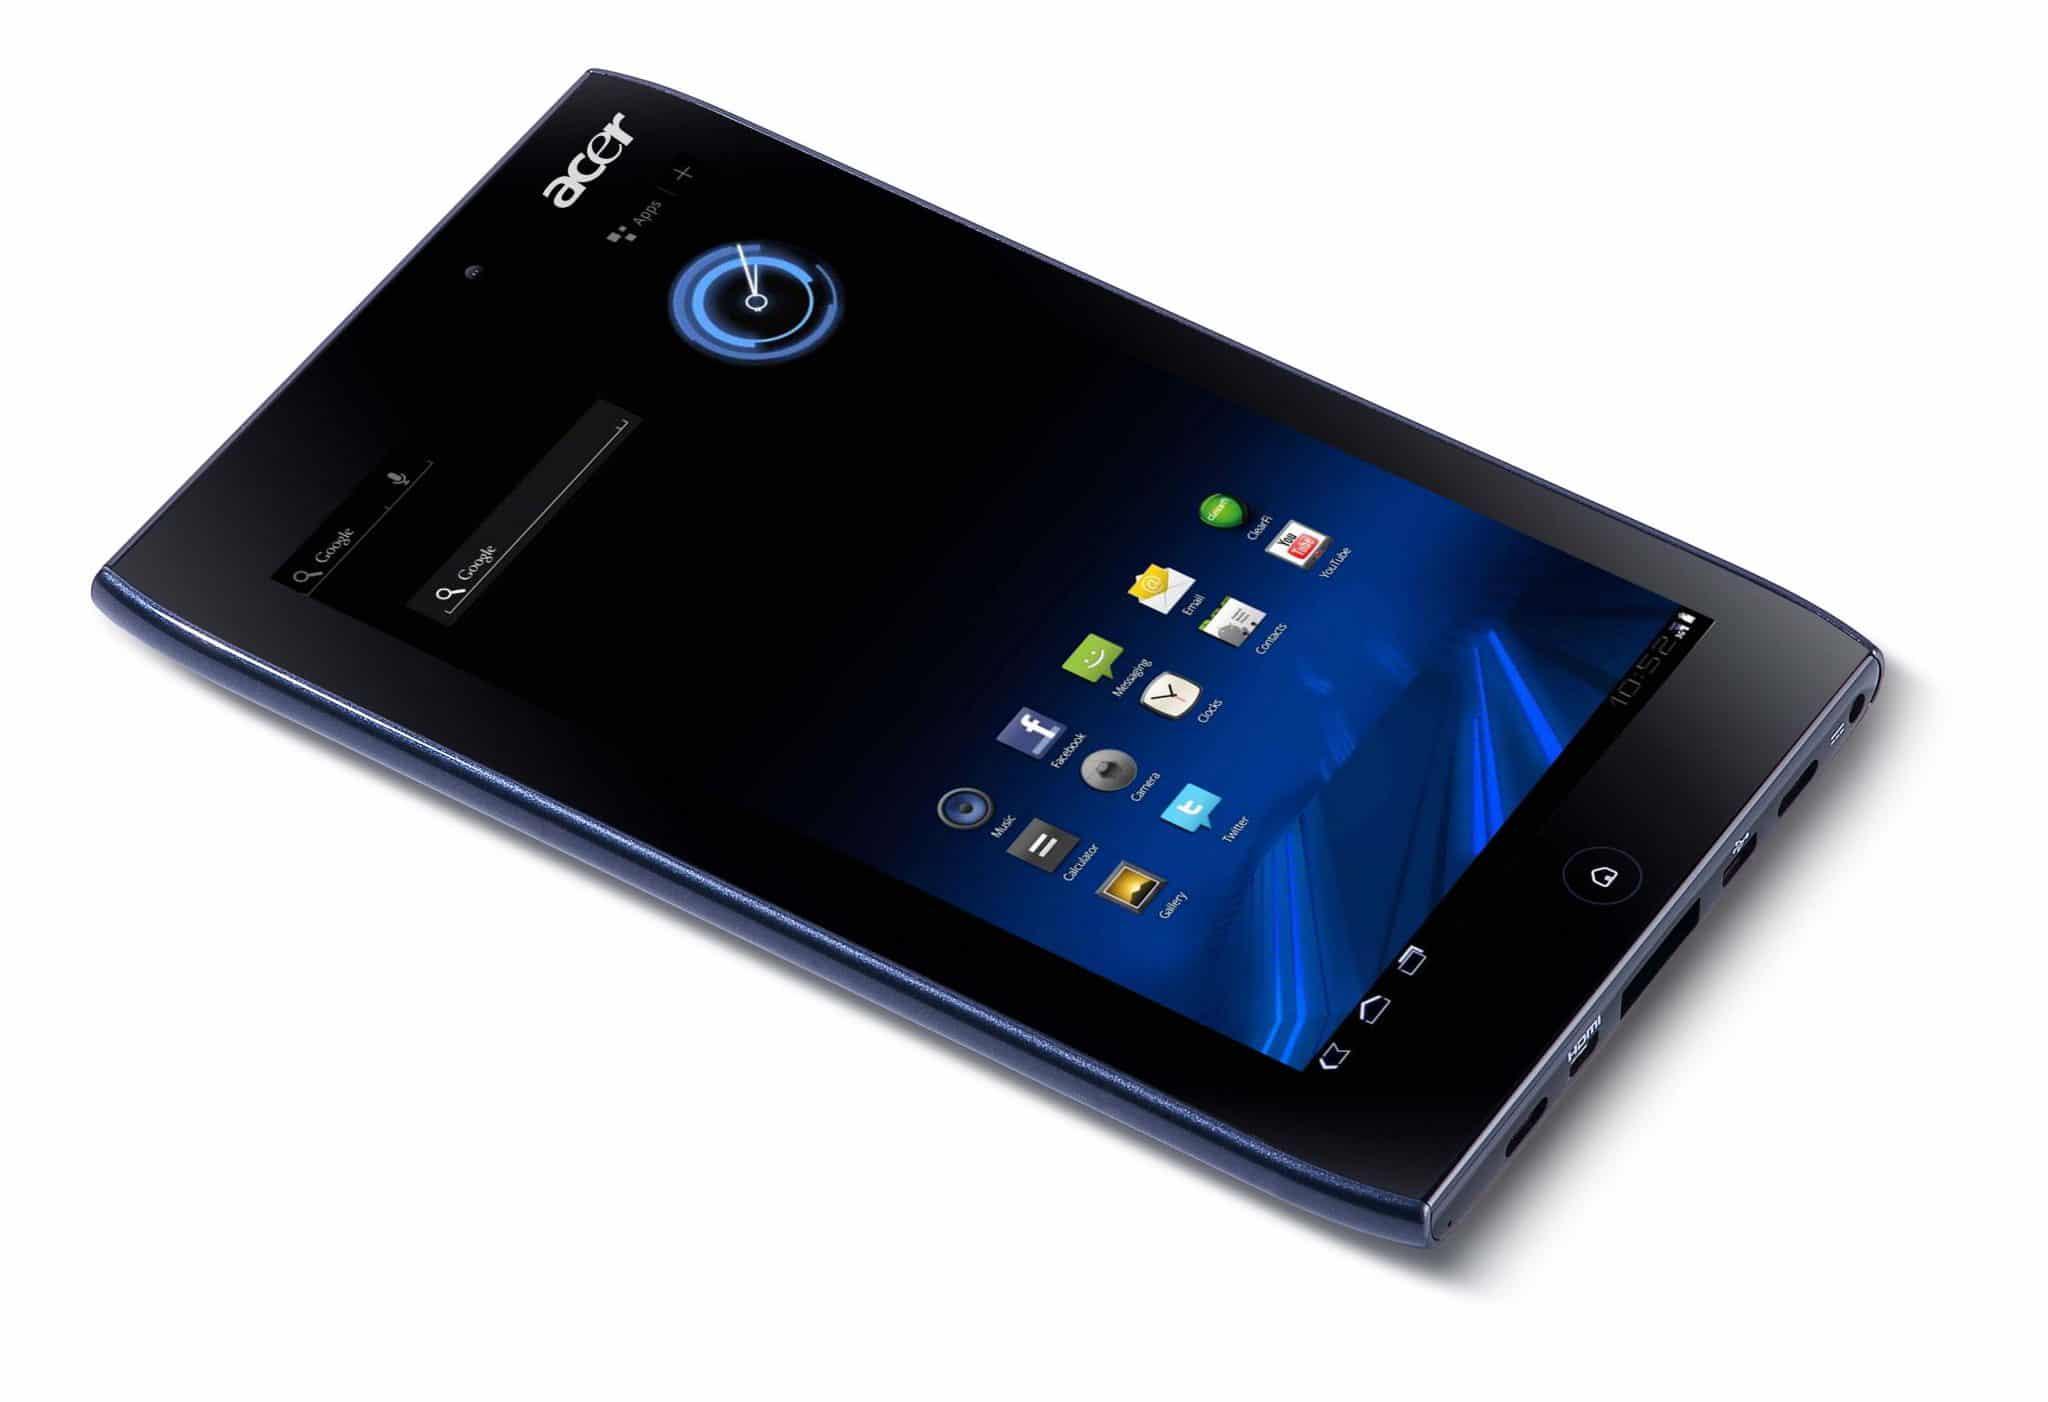 Acer iconia tab a100 характеристики - 4b72e